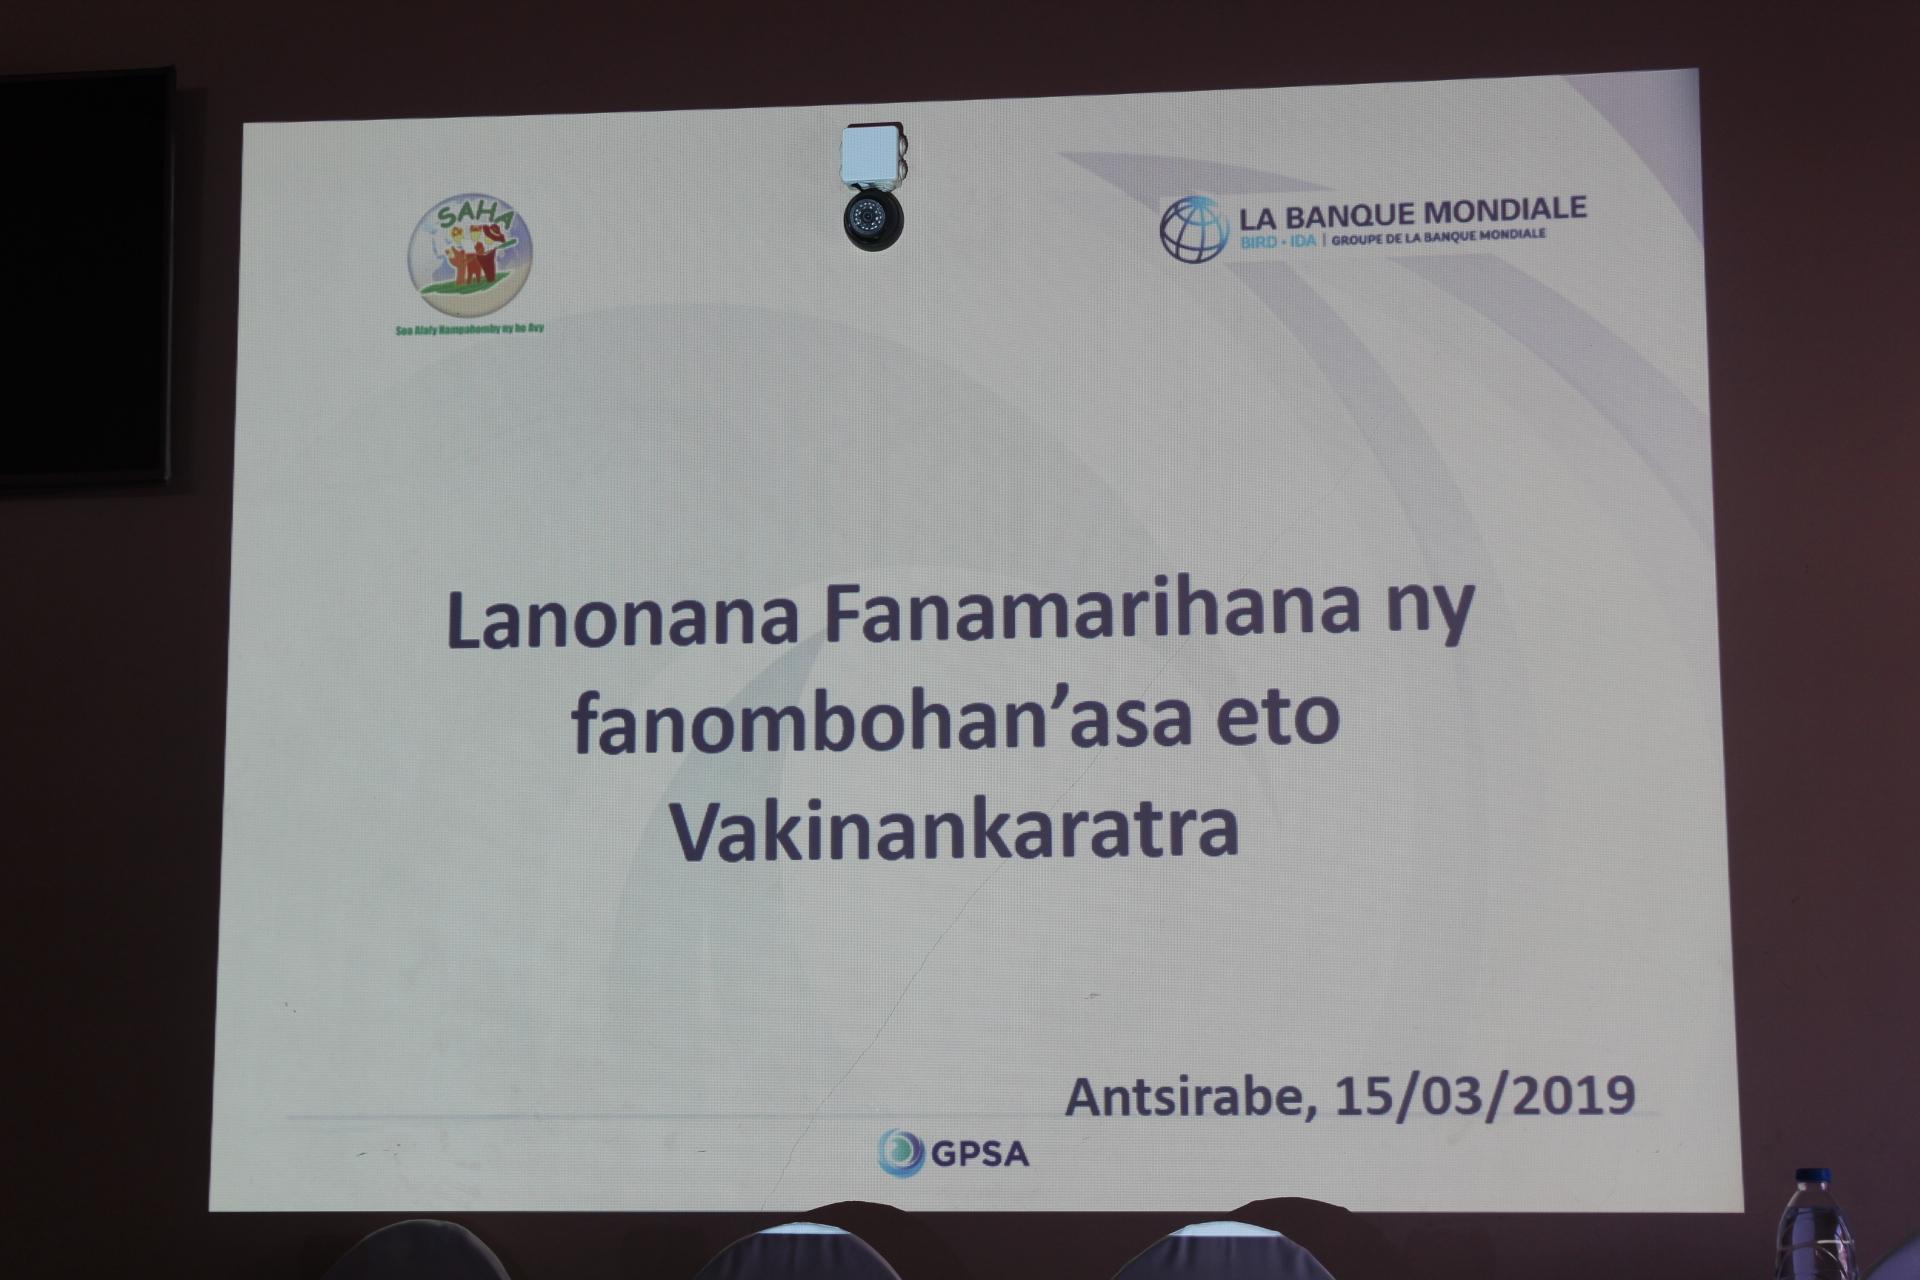 Lancement Vakinakaratra